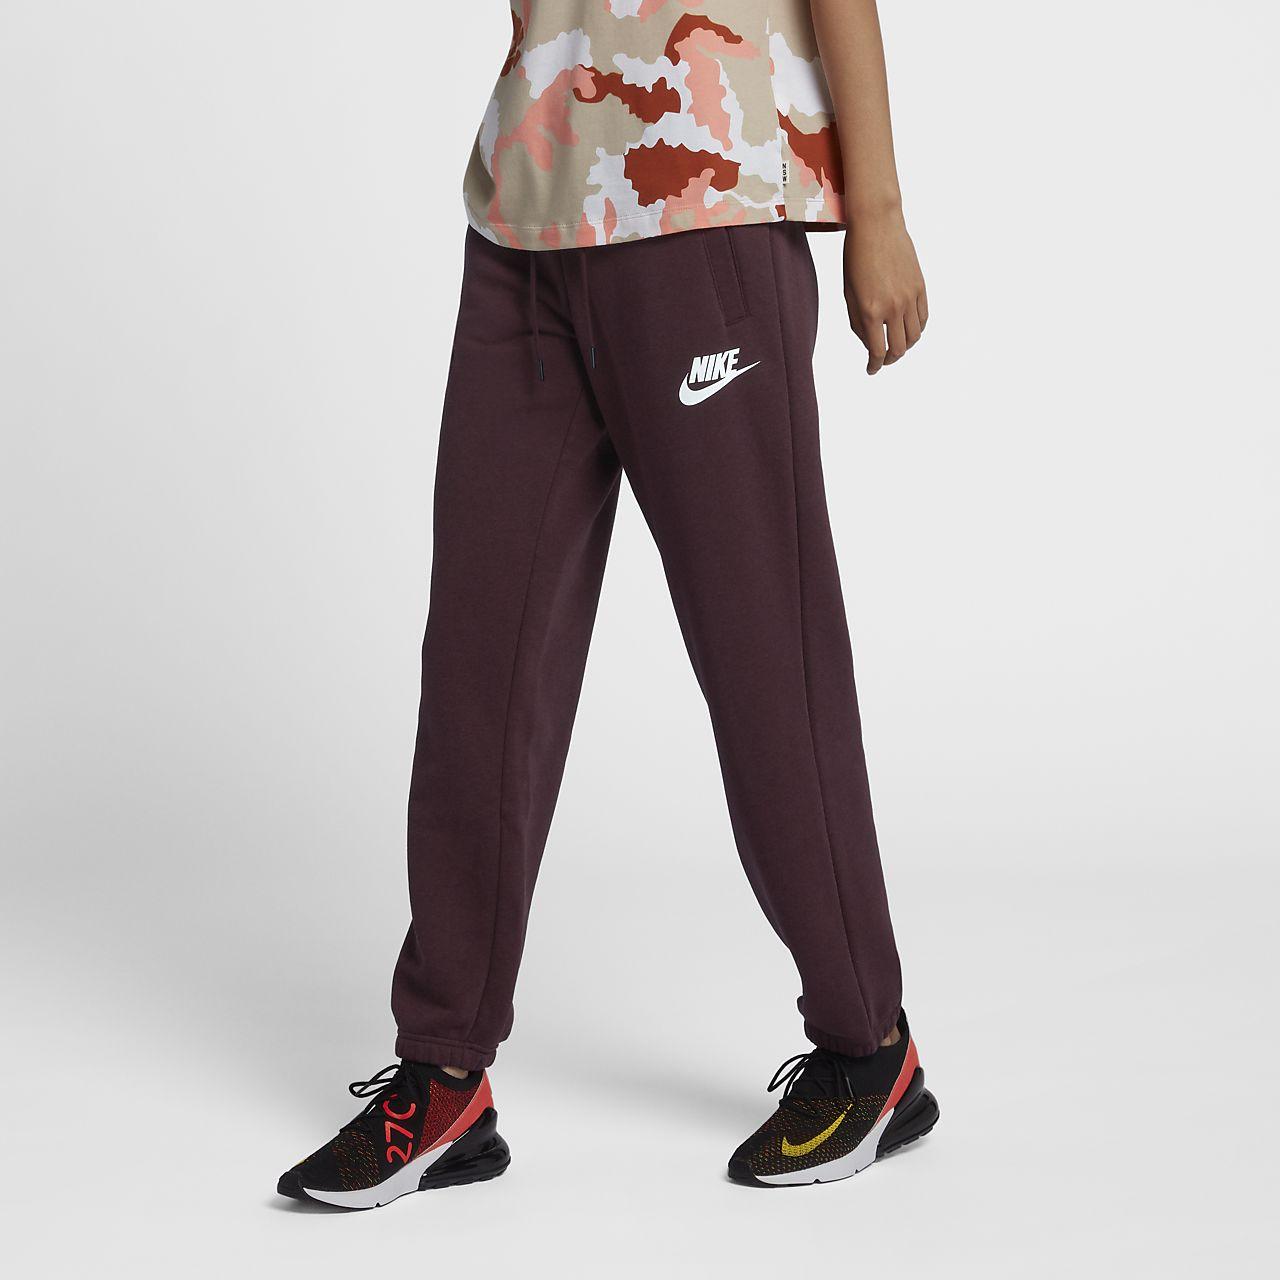 Nike Sportswear Rally Fleece Women's Pants